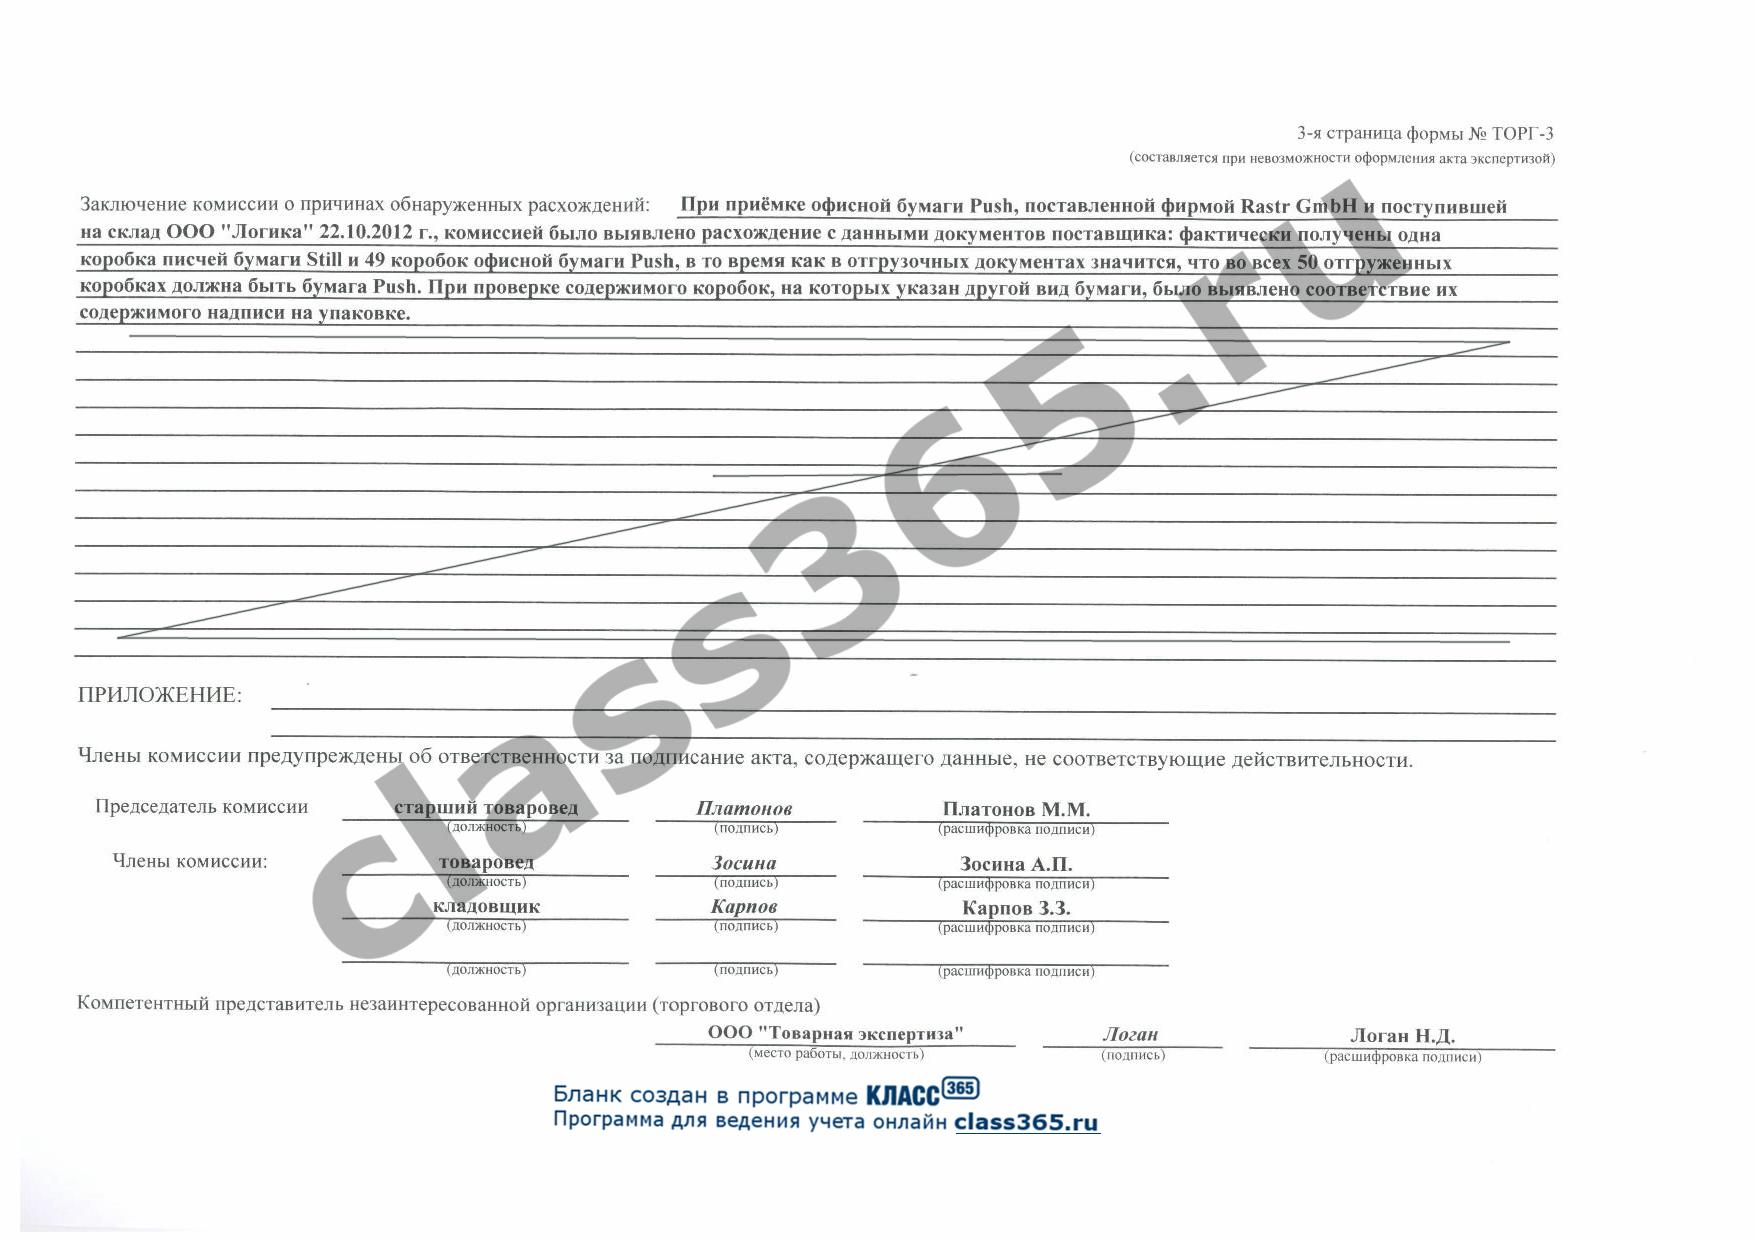 бланк товарного отчета форма торг-29